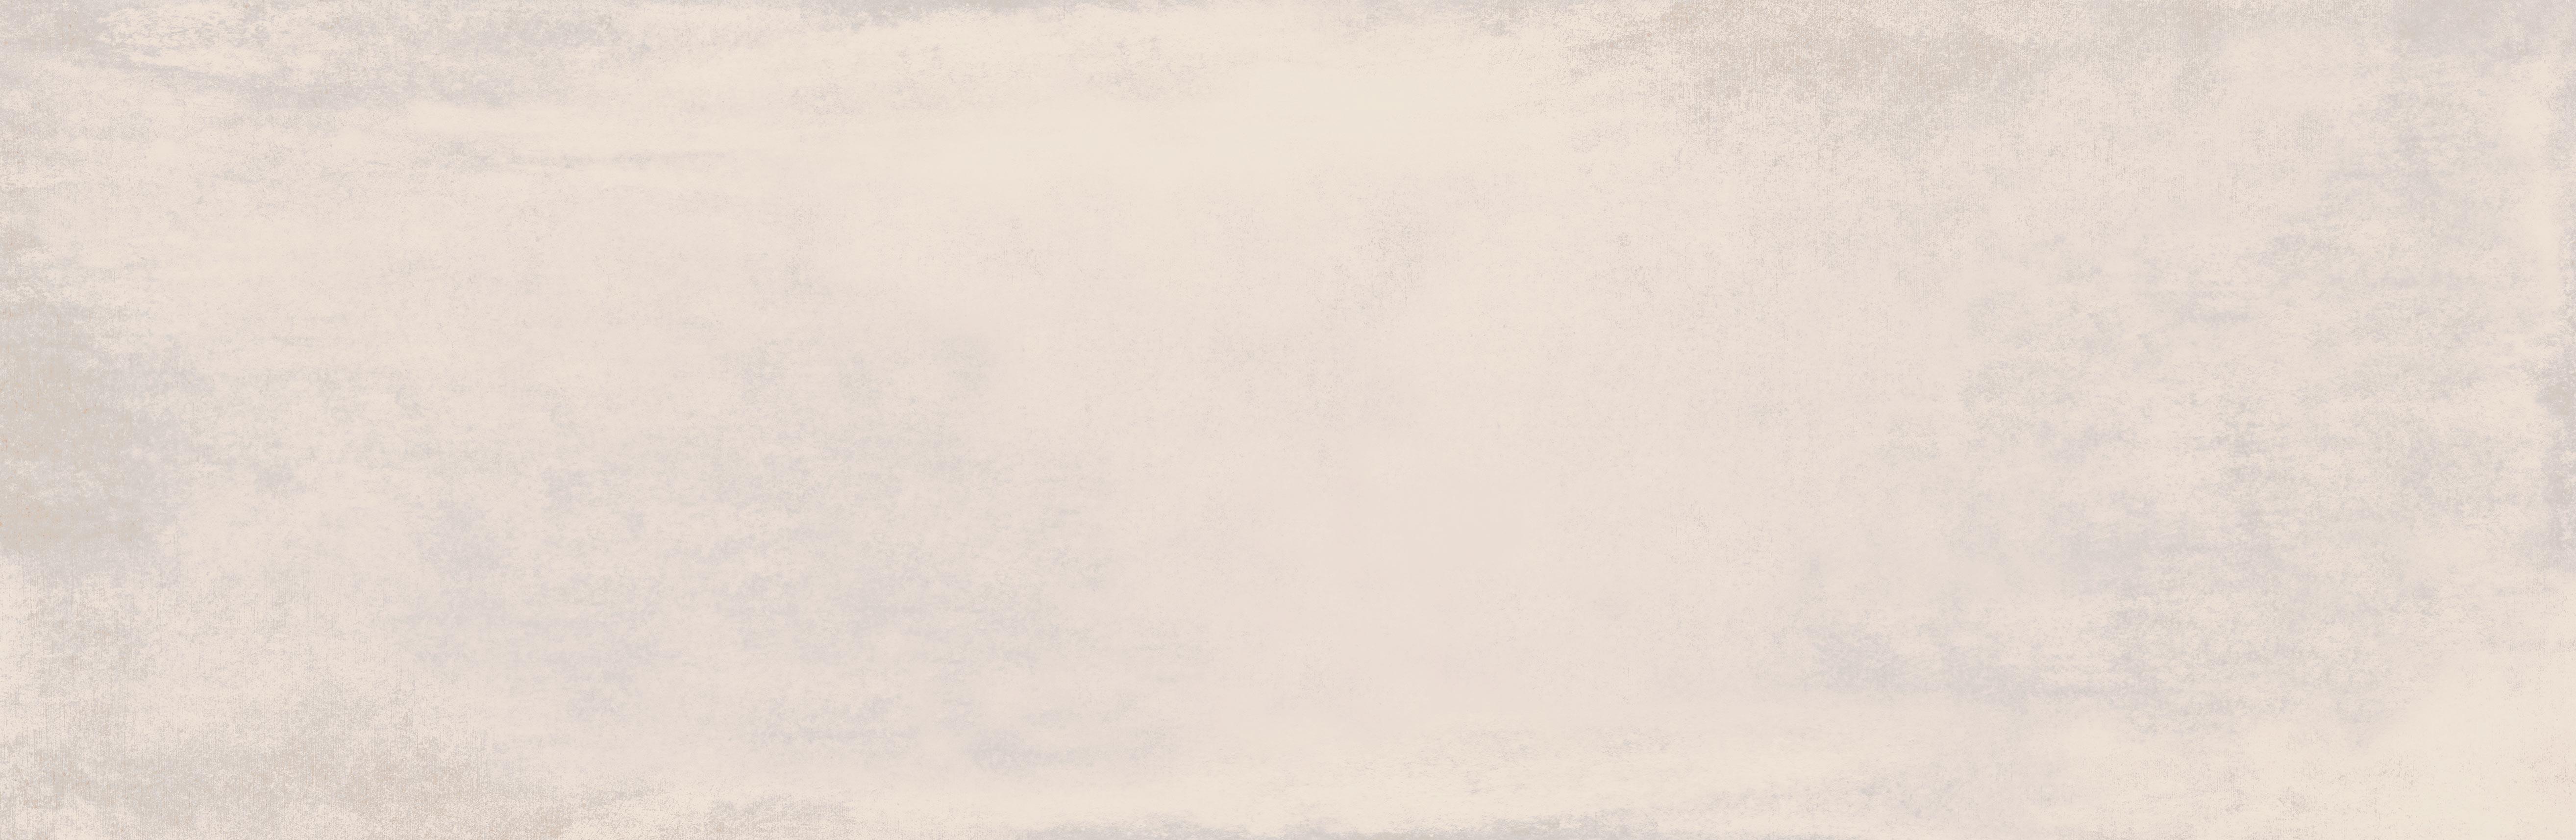 Купить Керамическая плитка Mei Arlequini Sandy Island светло-бежевый (O-SAC-WTA301) настенная 29x89, Россия